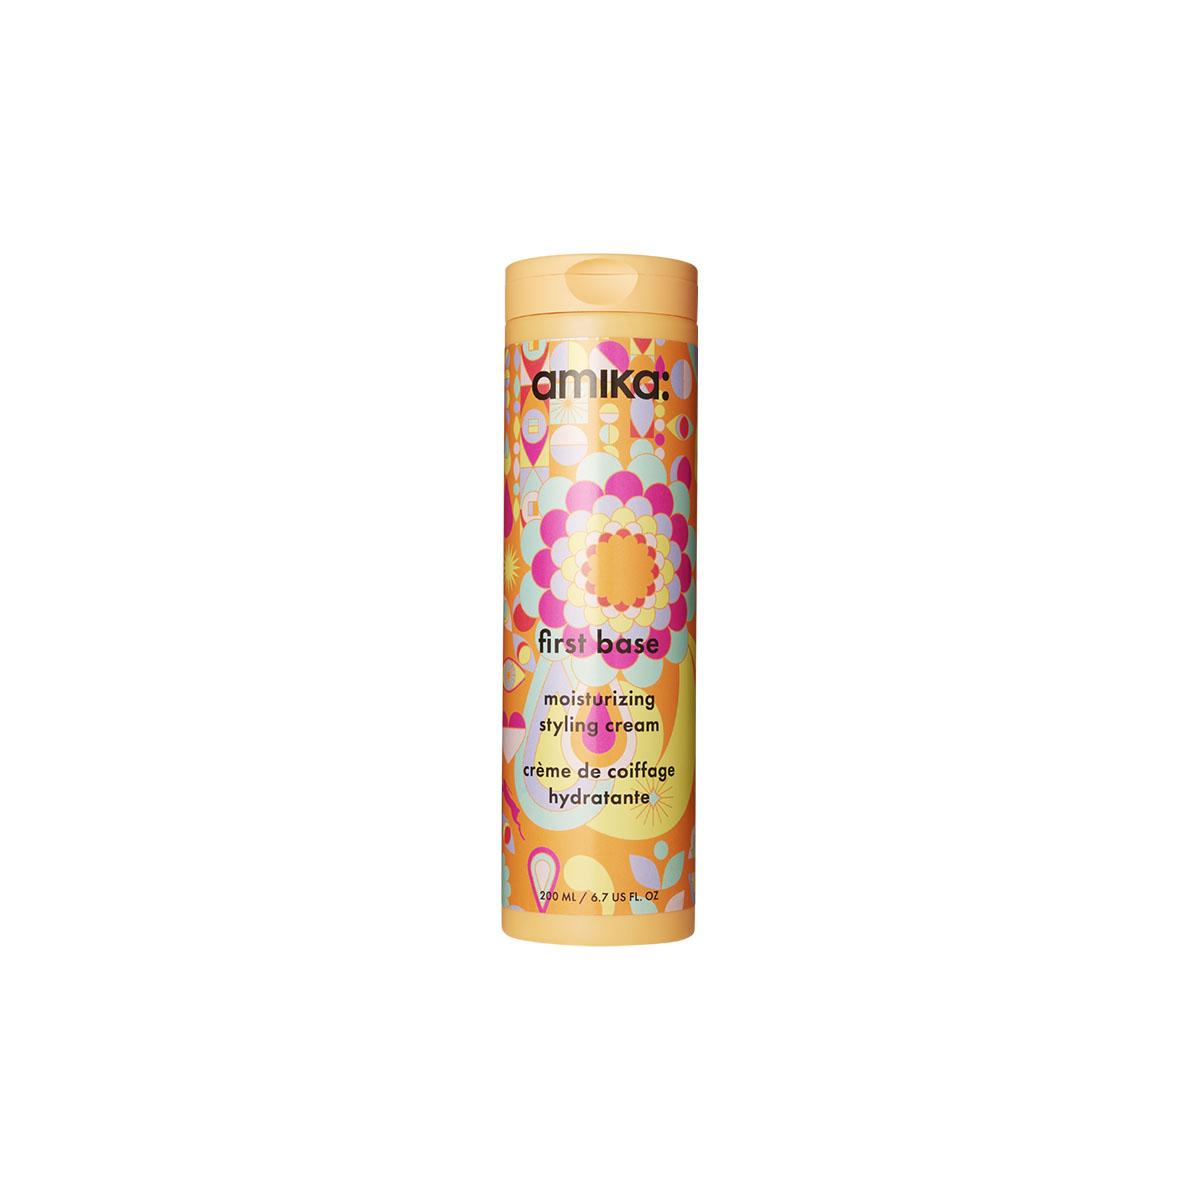 amika: First Base Moisturizing Style Cream